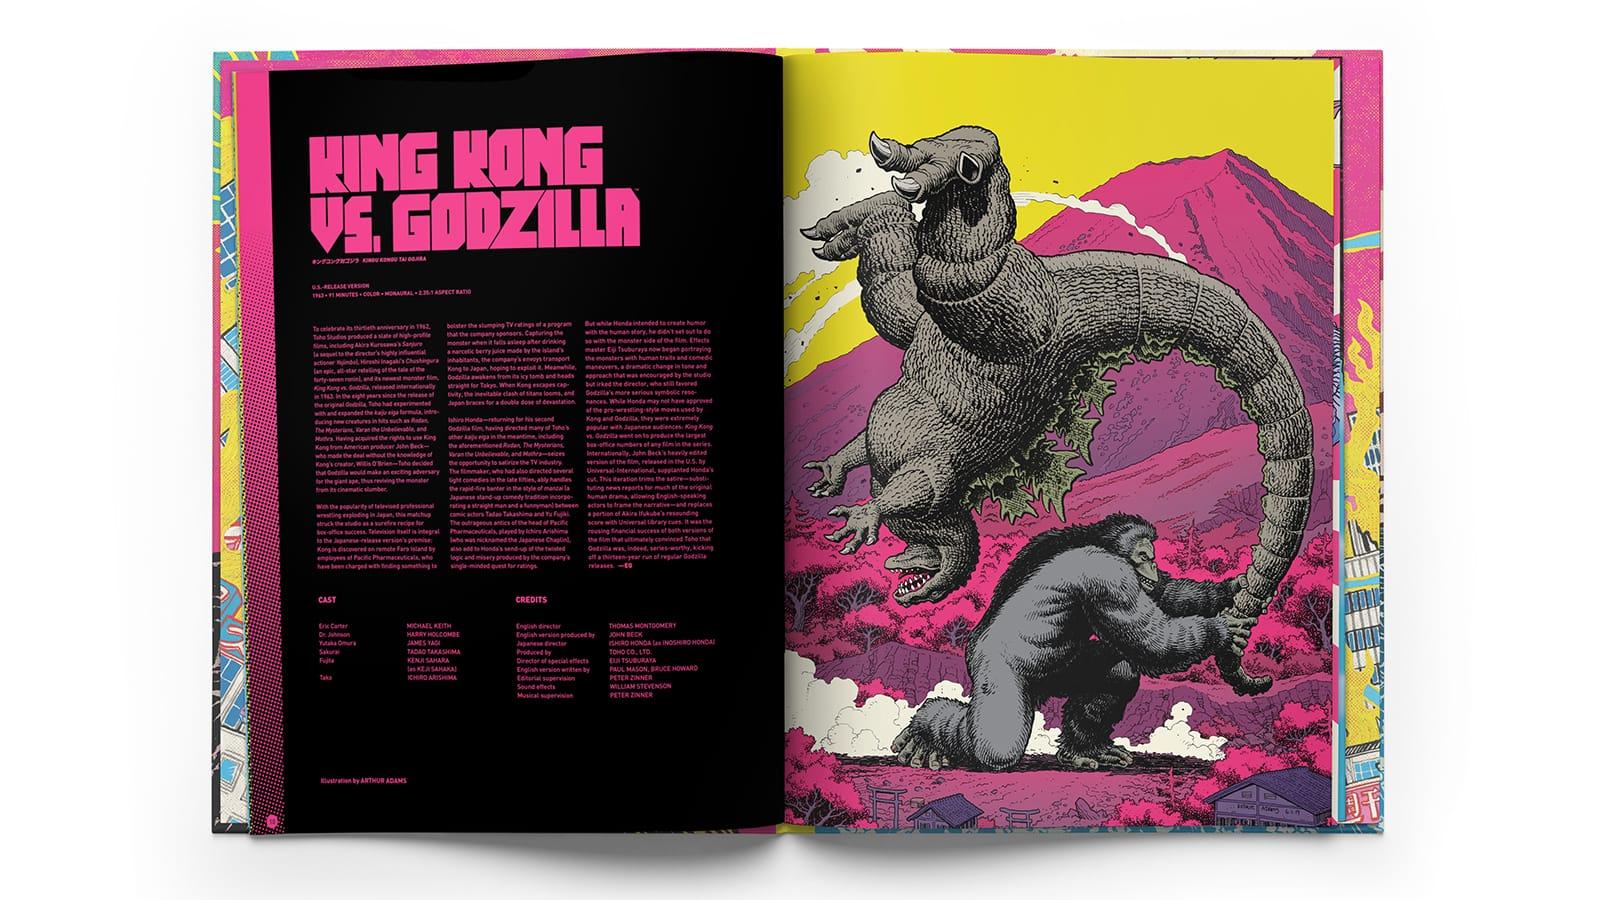 Godzilla: The Showa-Era Films 1954-1975